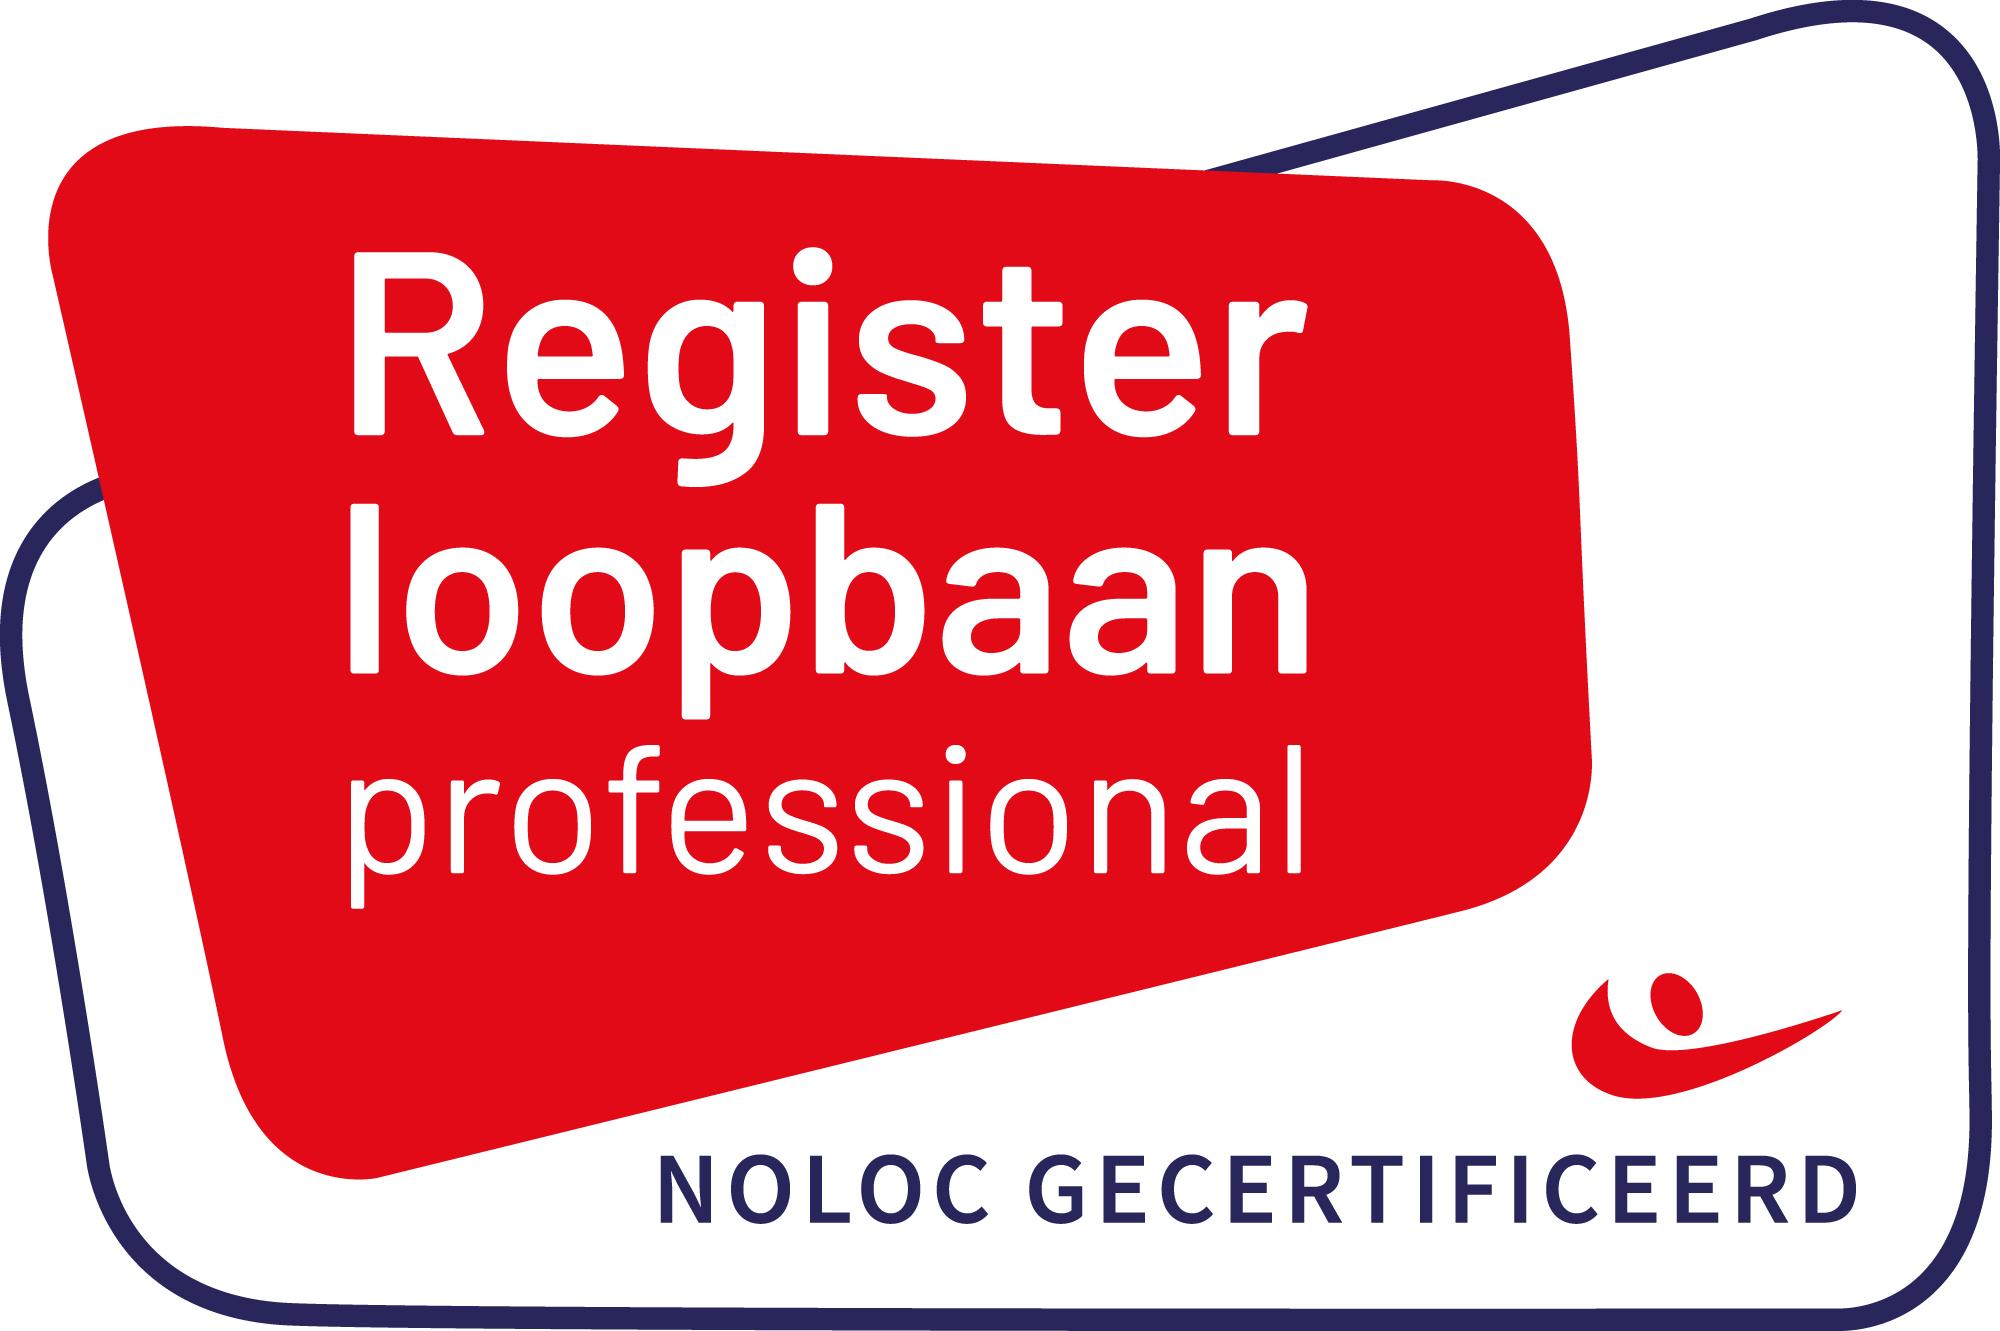 Noloc gecertificeerd Loopbaanprofessional